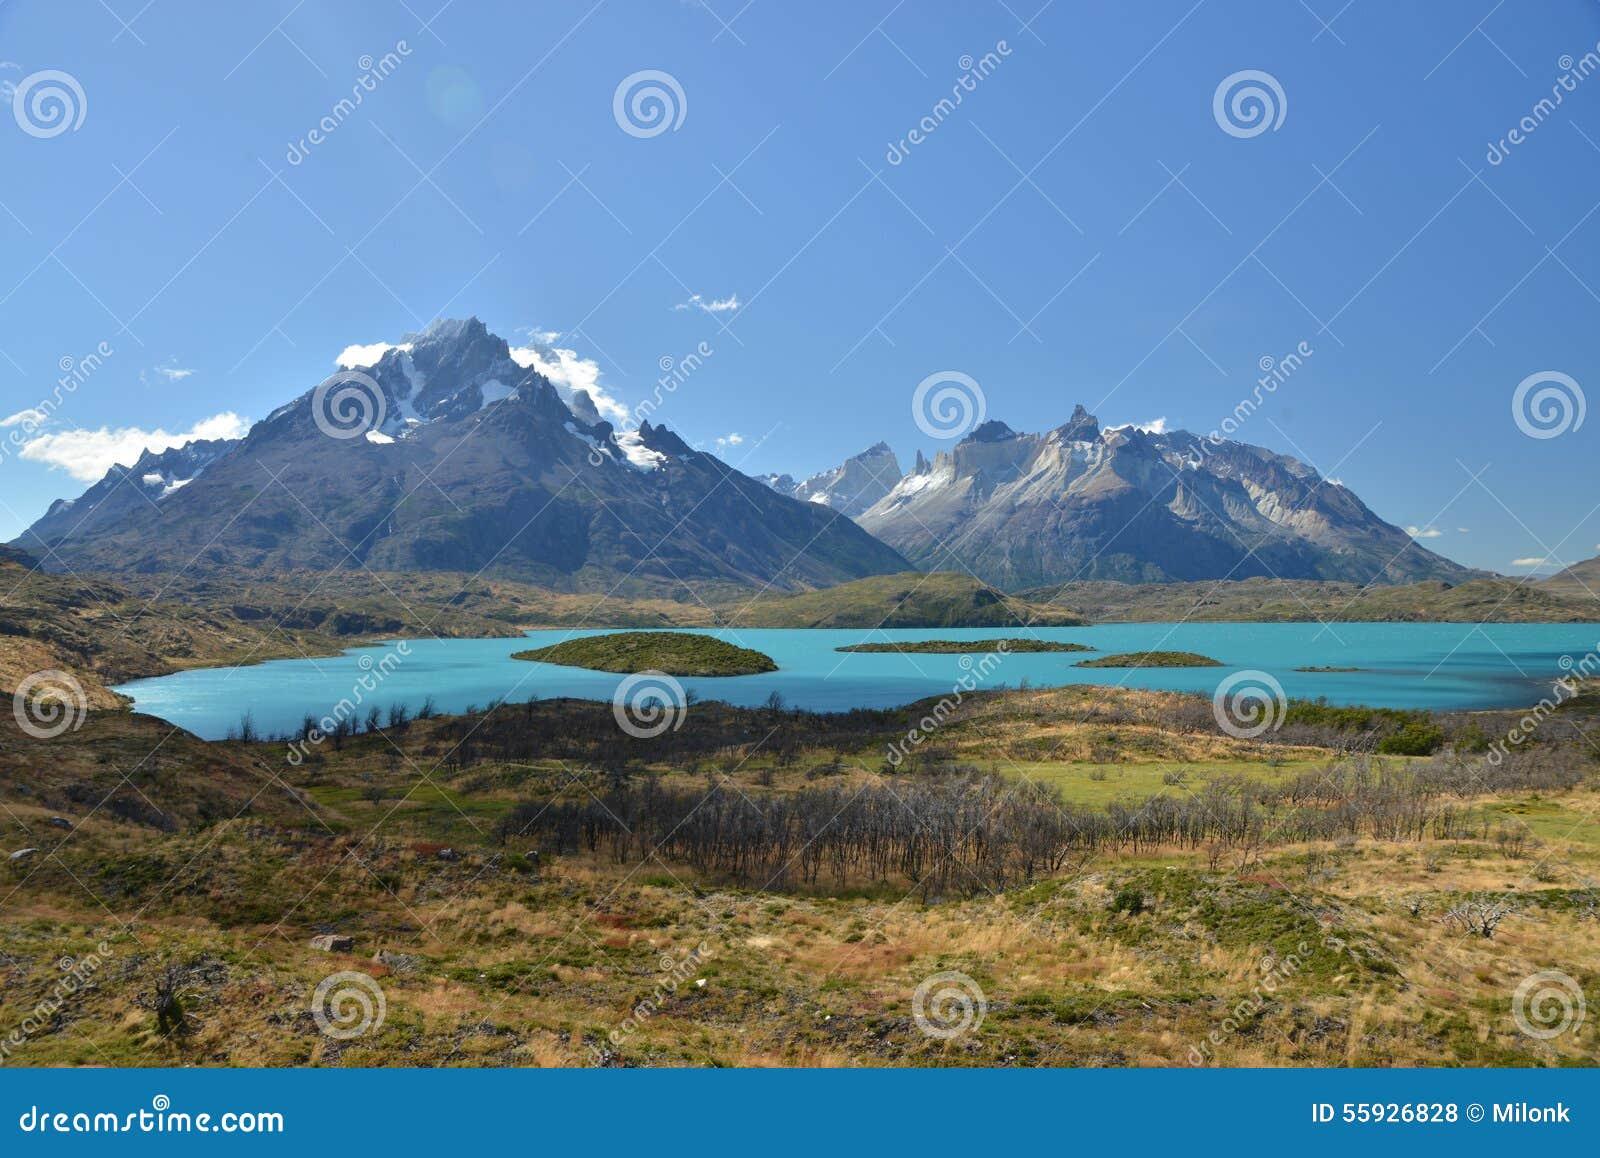 Stationnement national de Torres del Paine - lac Pehoe